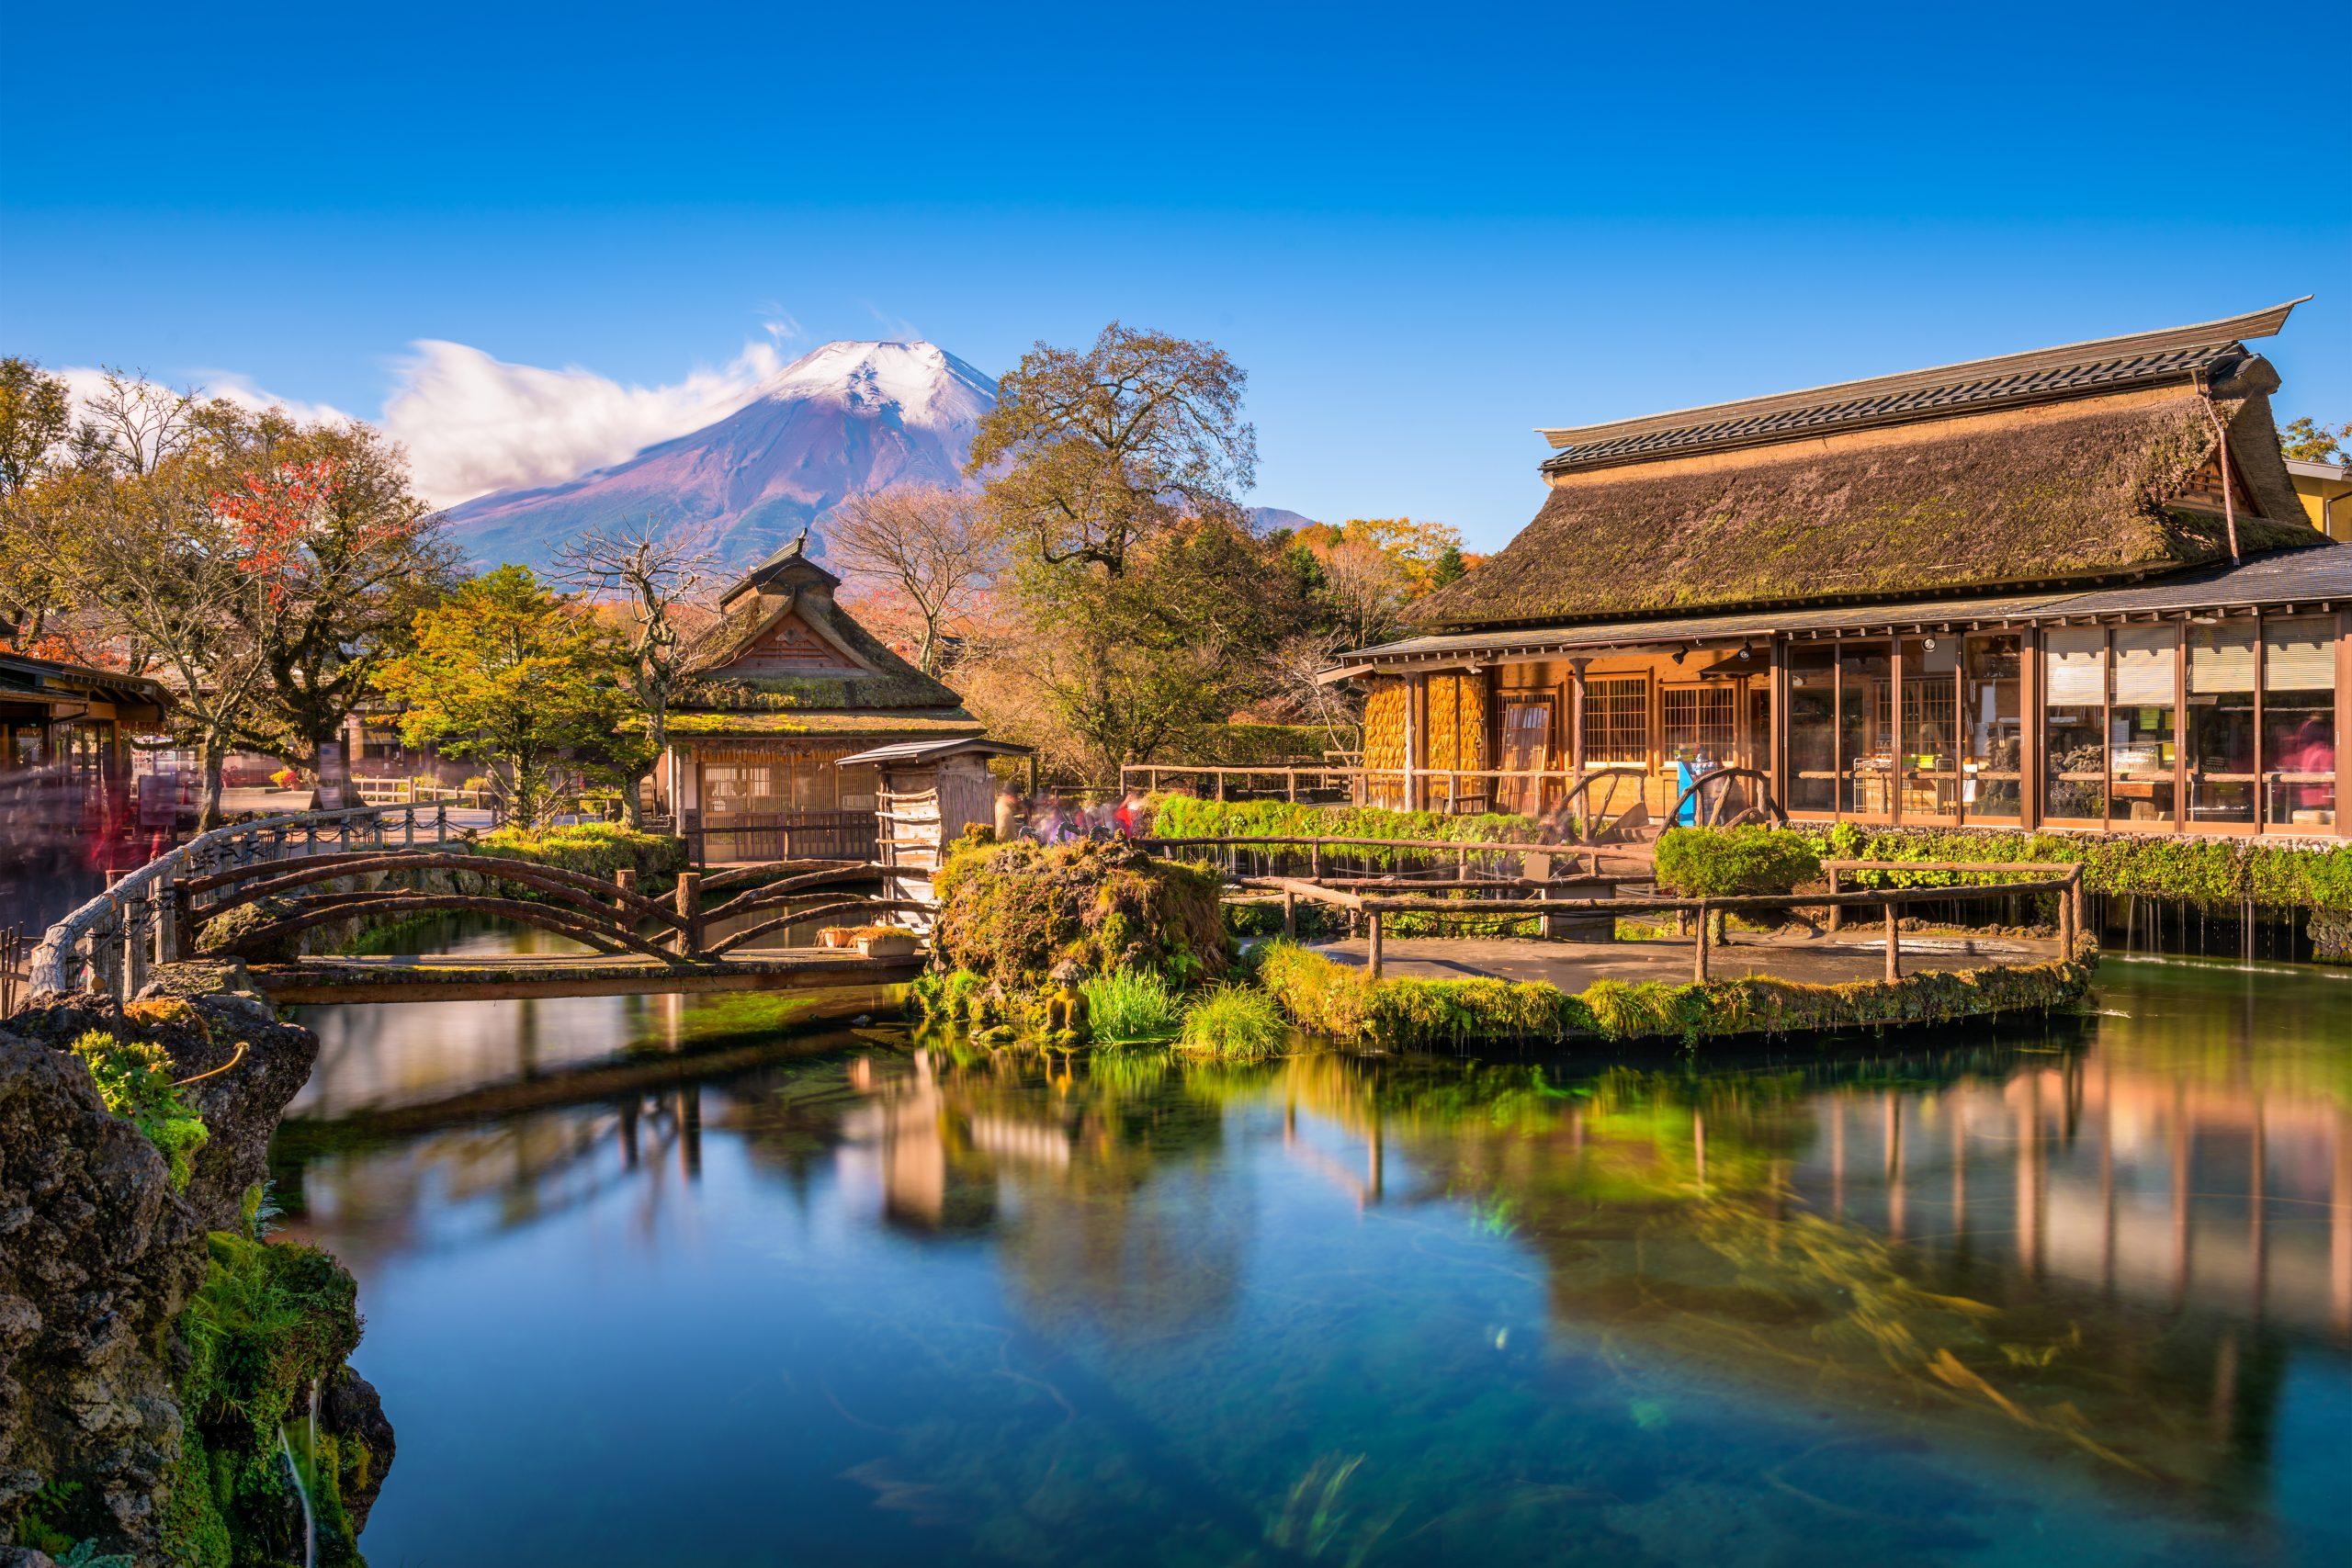 หมู่บ้านน้ำใส โอชิโนะฮักไก (Oshino Hakkai) – IncentiveJapan.com